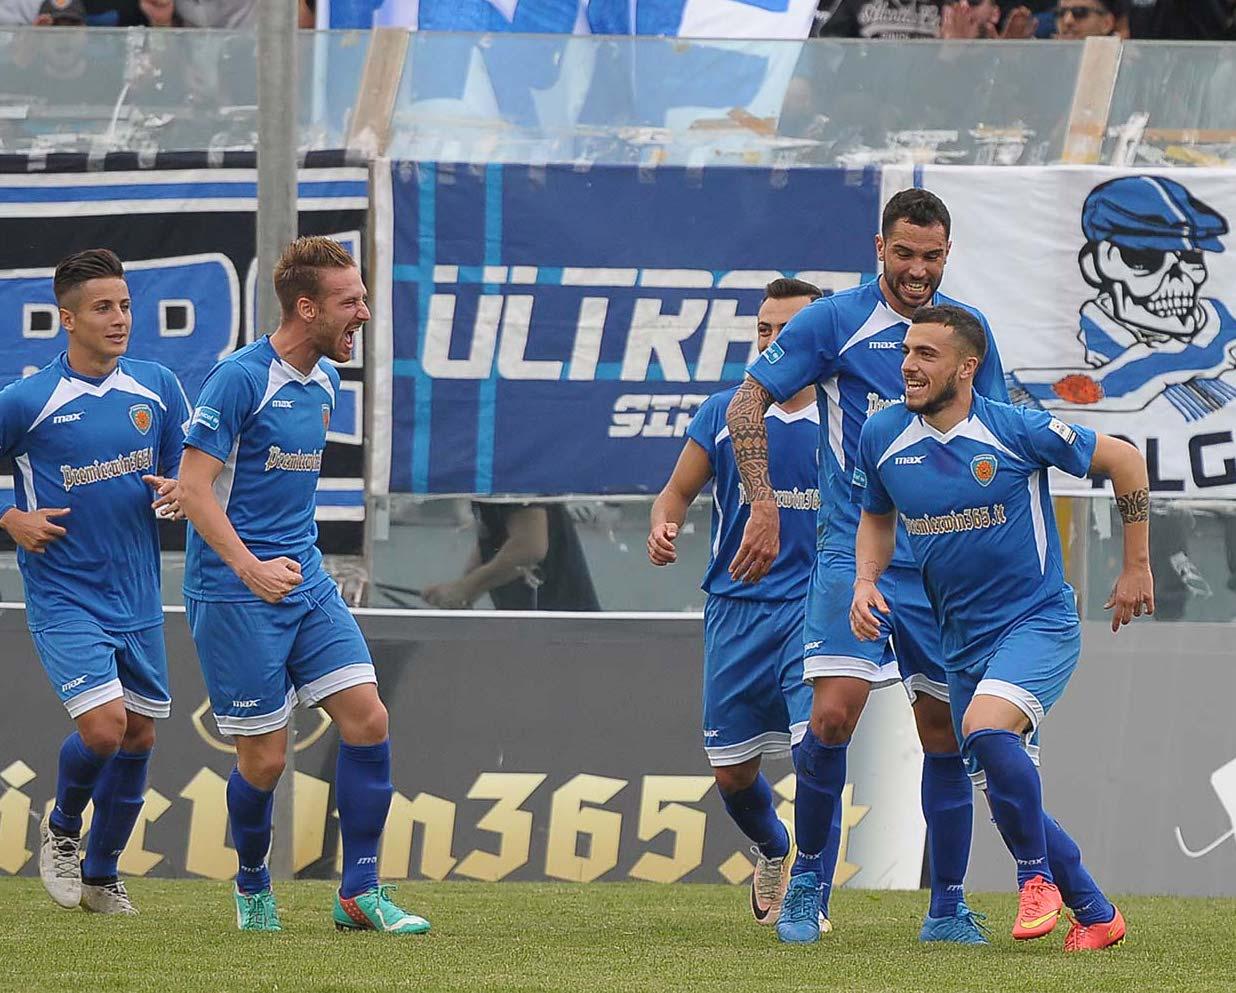 Il Siracusa in campo a Pagani insegue la continuità di risultati